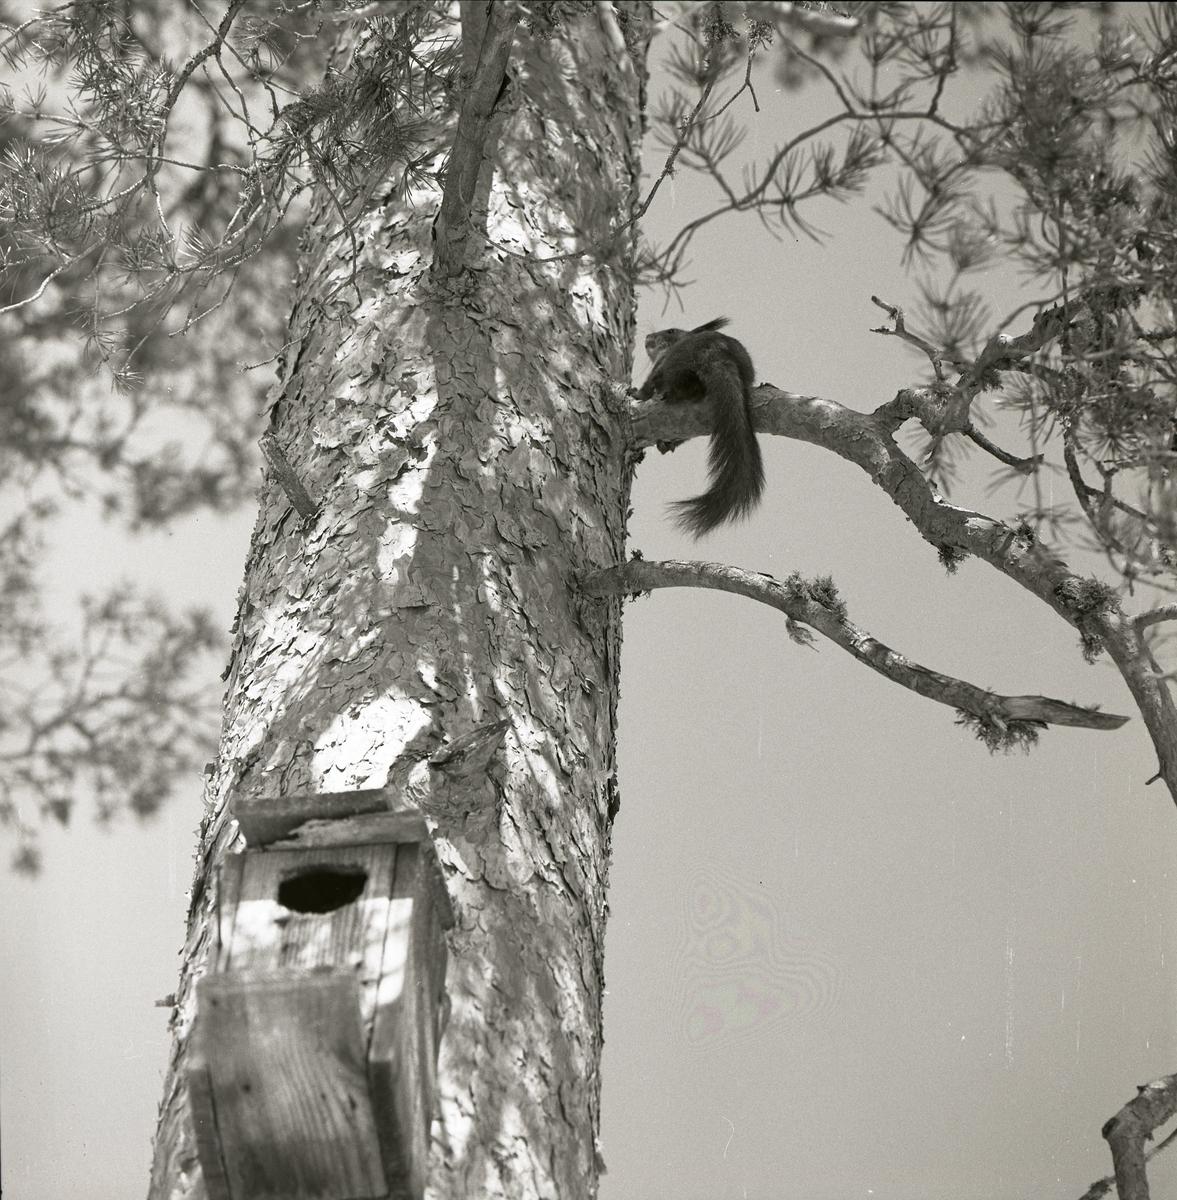 En ekorre sitter på en gren i ett träd och nedanför ekorren är en fågelholk placerad på trädstammen, 1960.